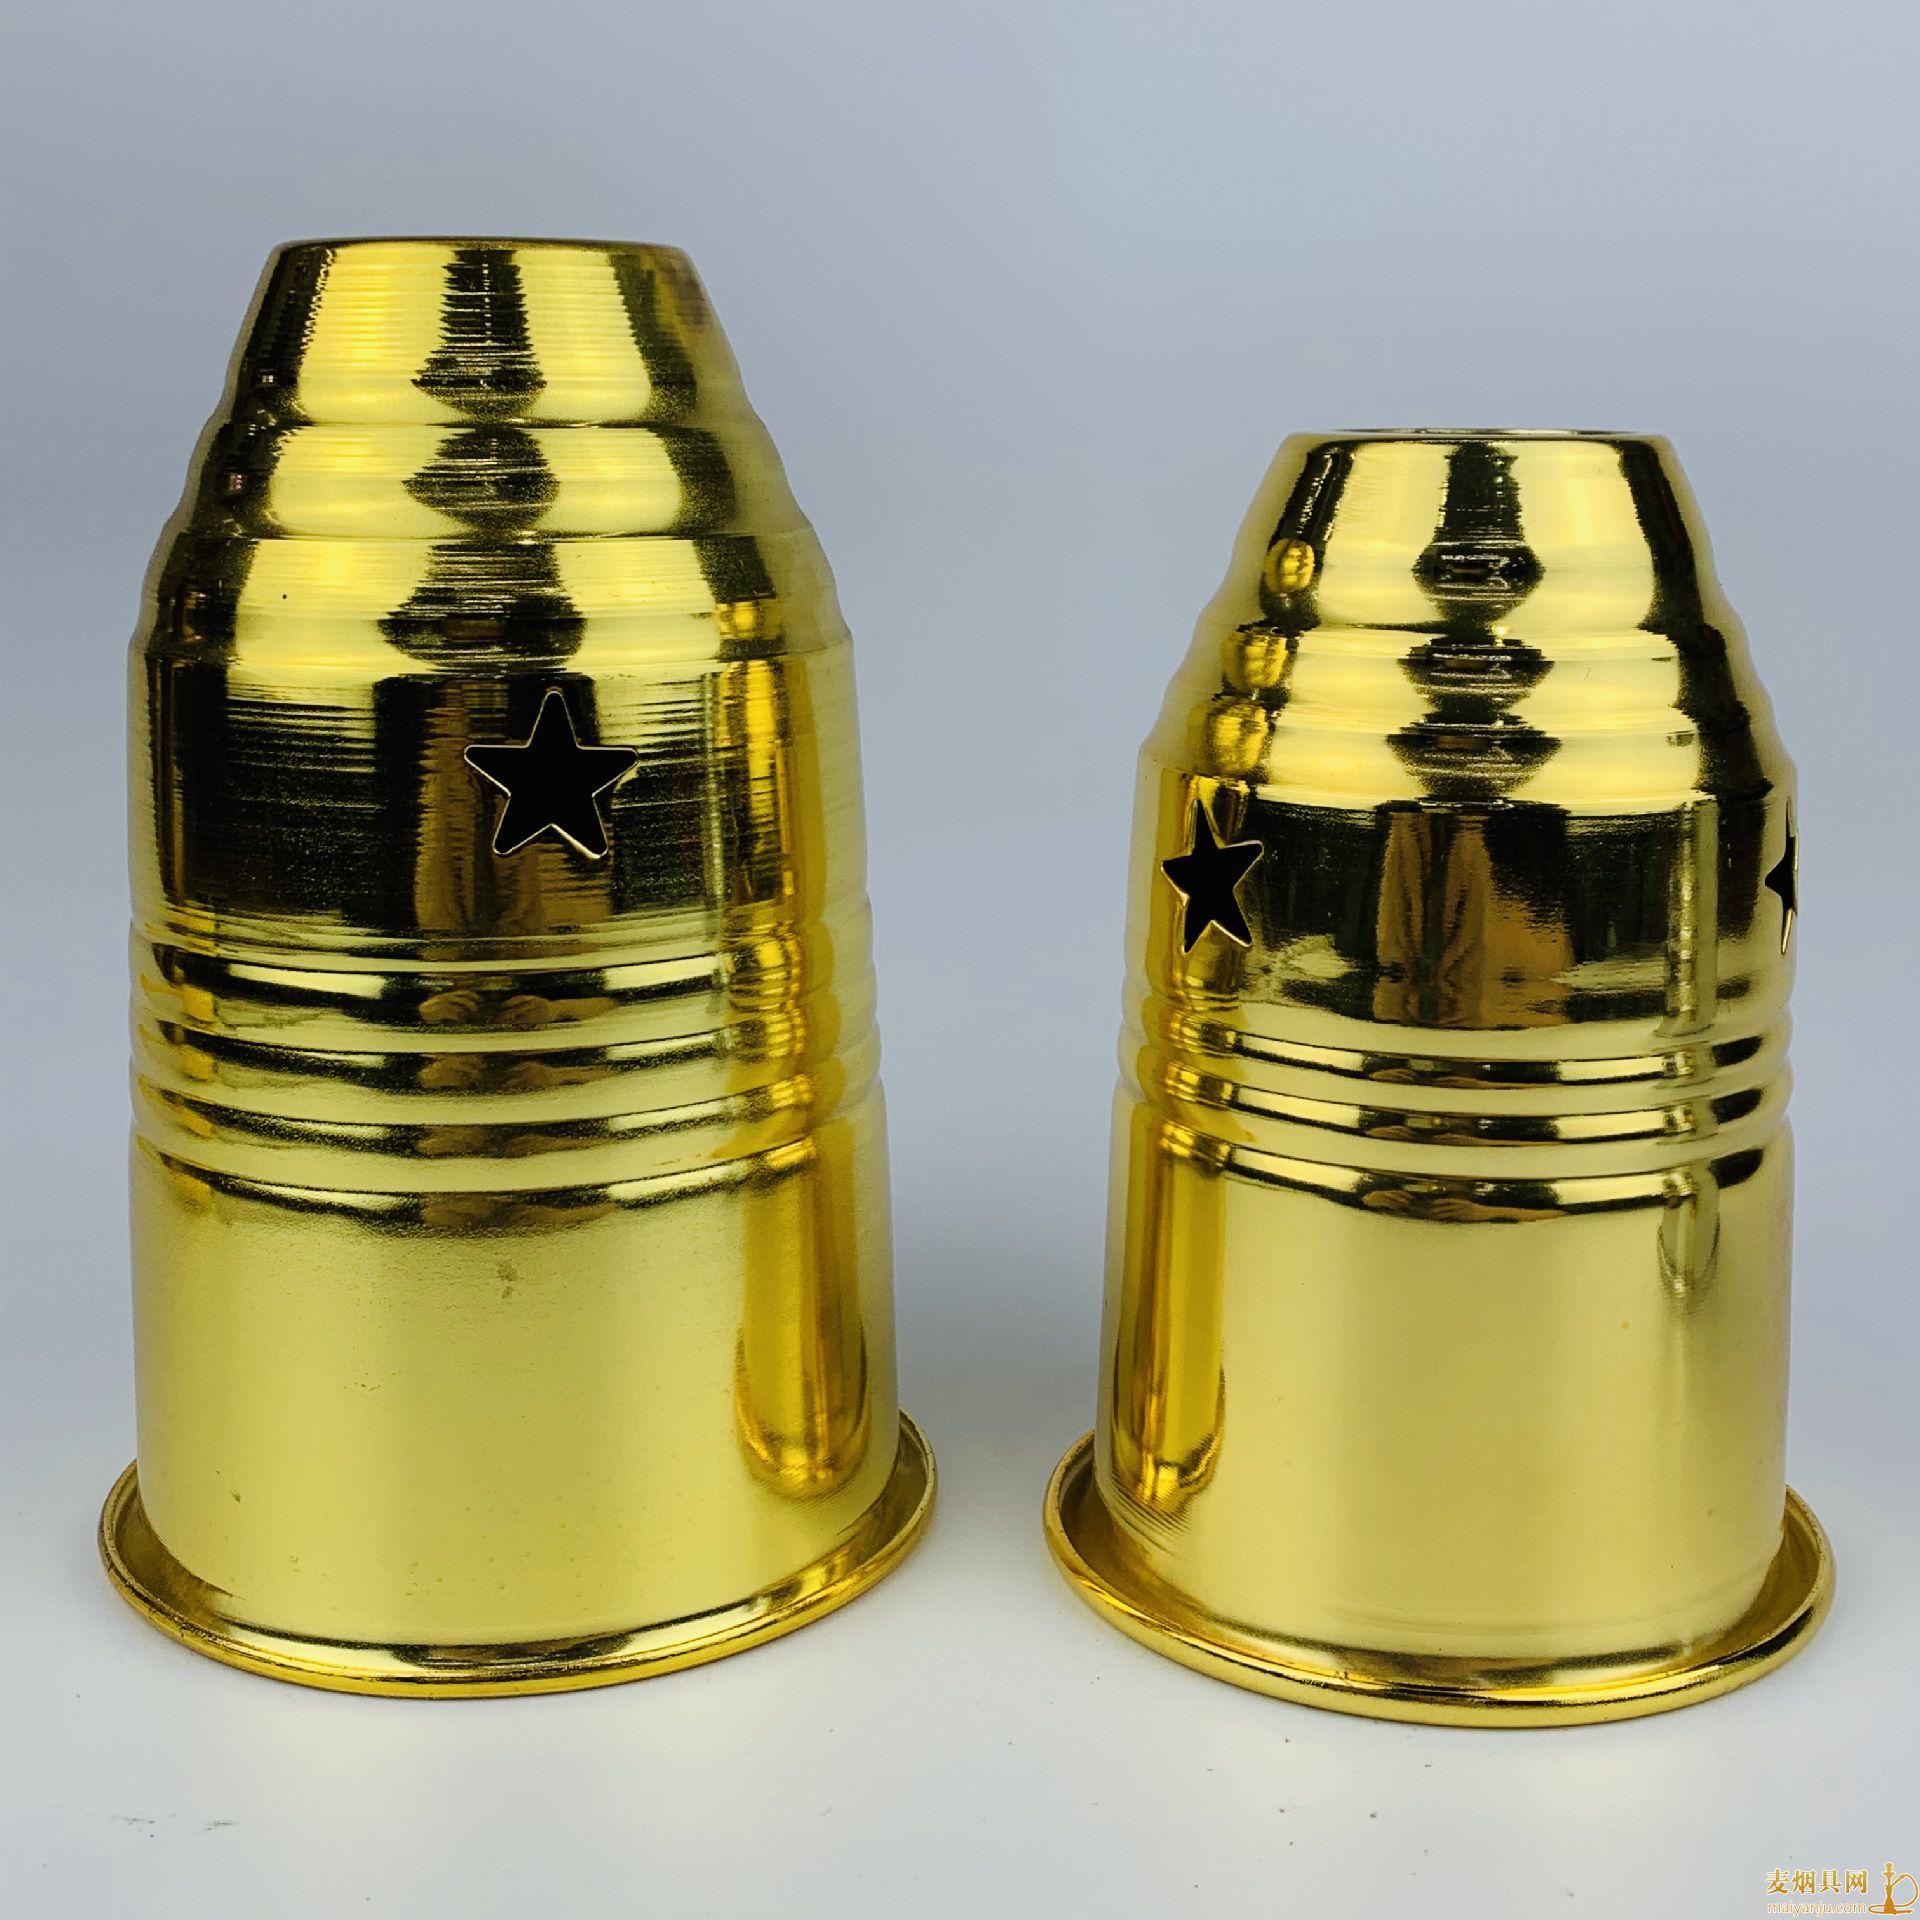 水烟壶金色银色五角星小号中号大号防风罩图片价格厂家批发多少钱